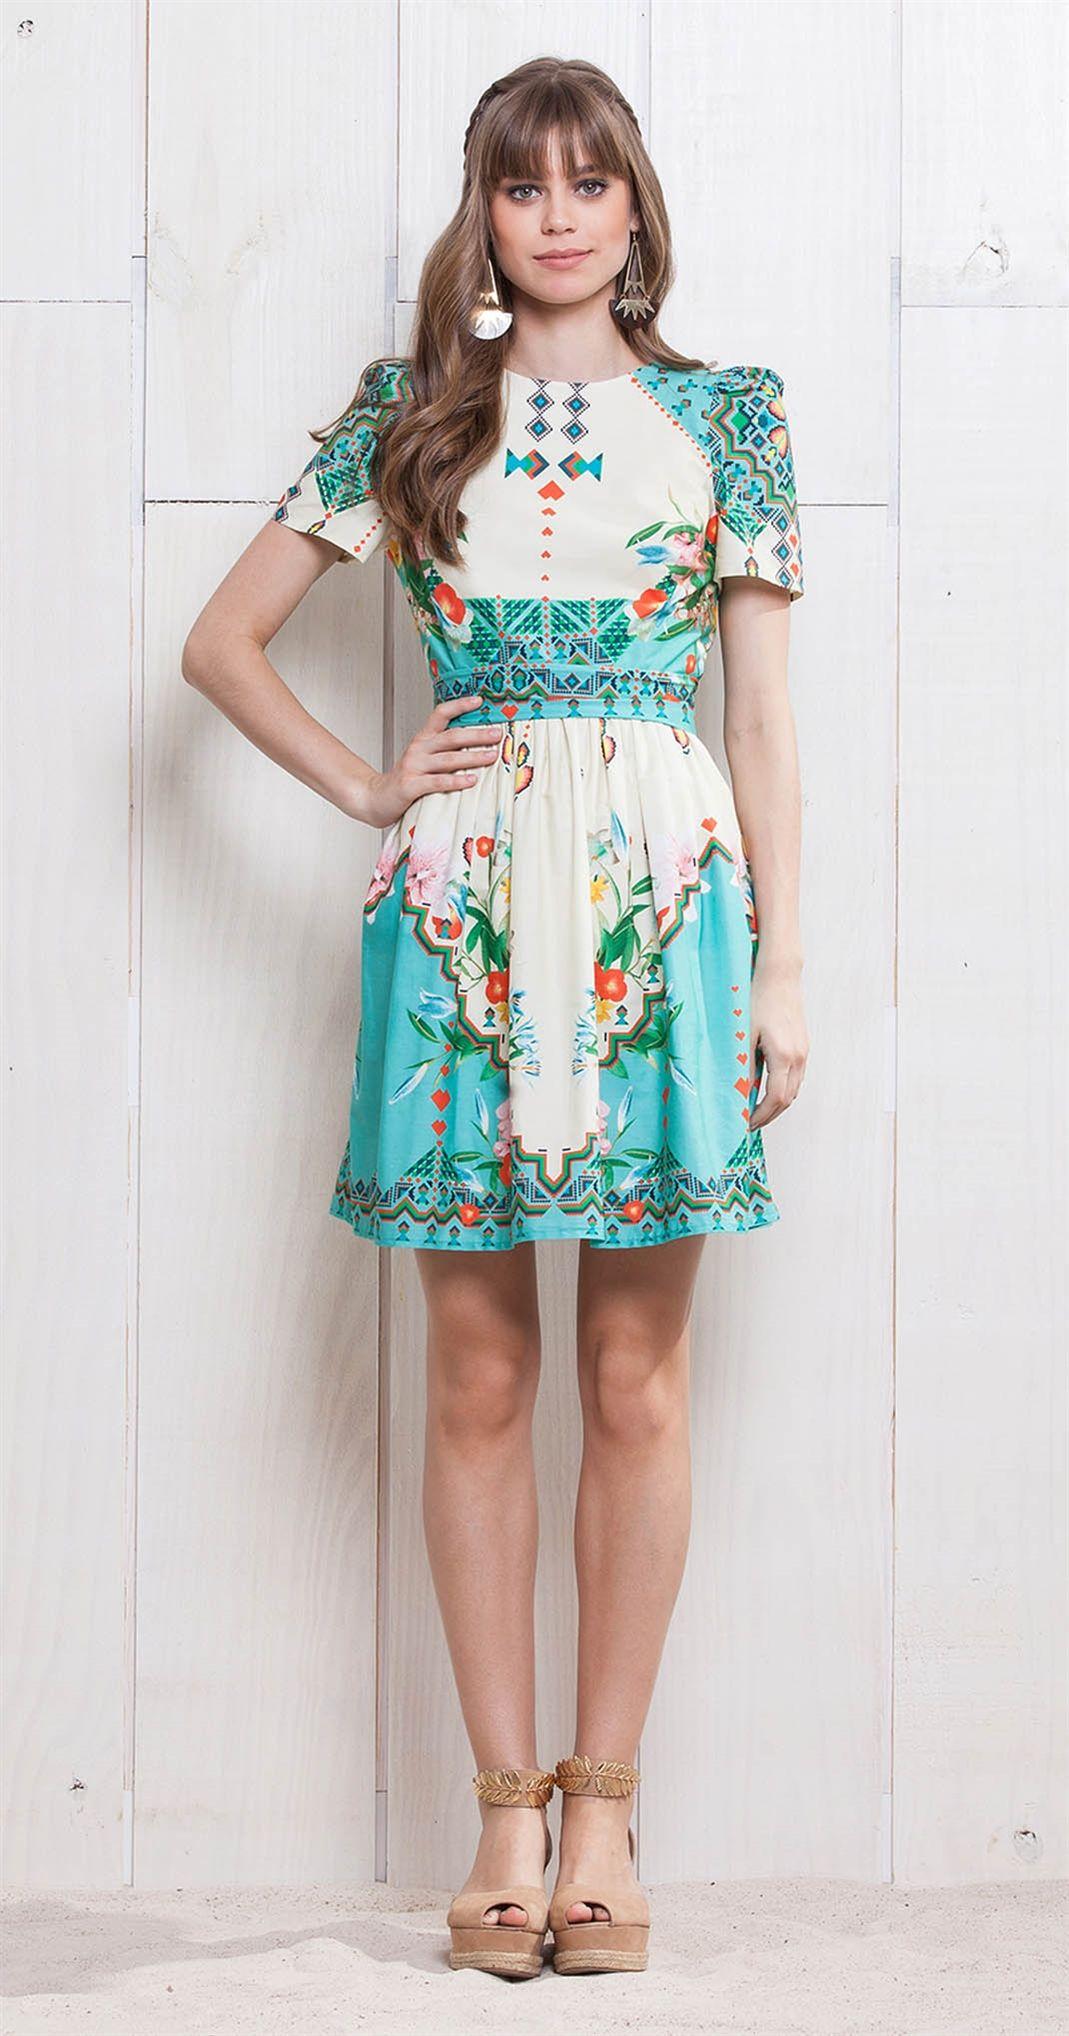 Vestido Lírios e Colírios   Lookbook   Antix Store   Moda Antix ... 73199cd832